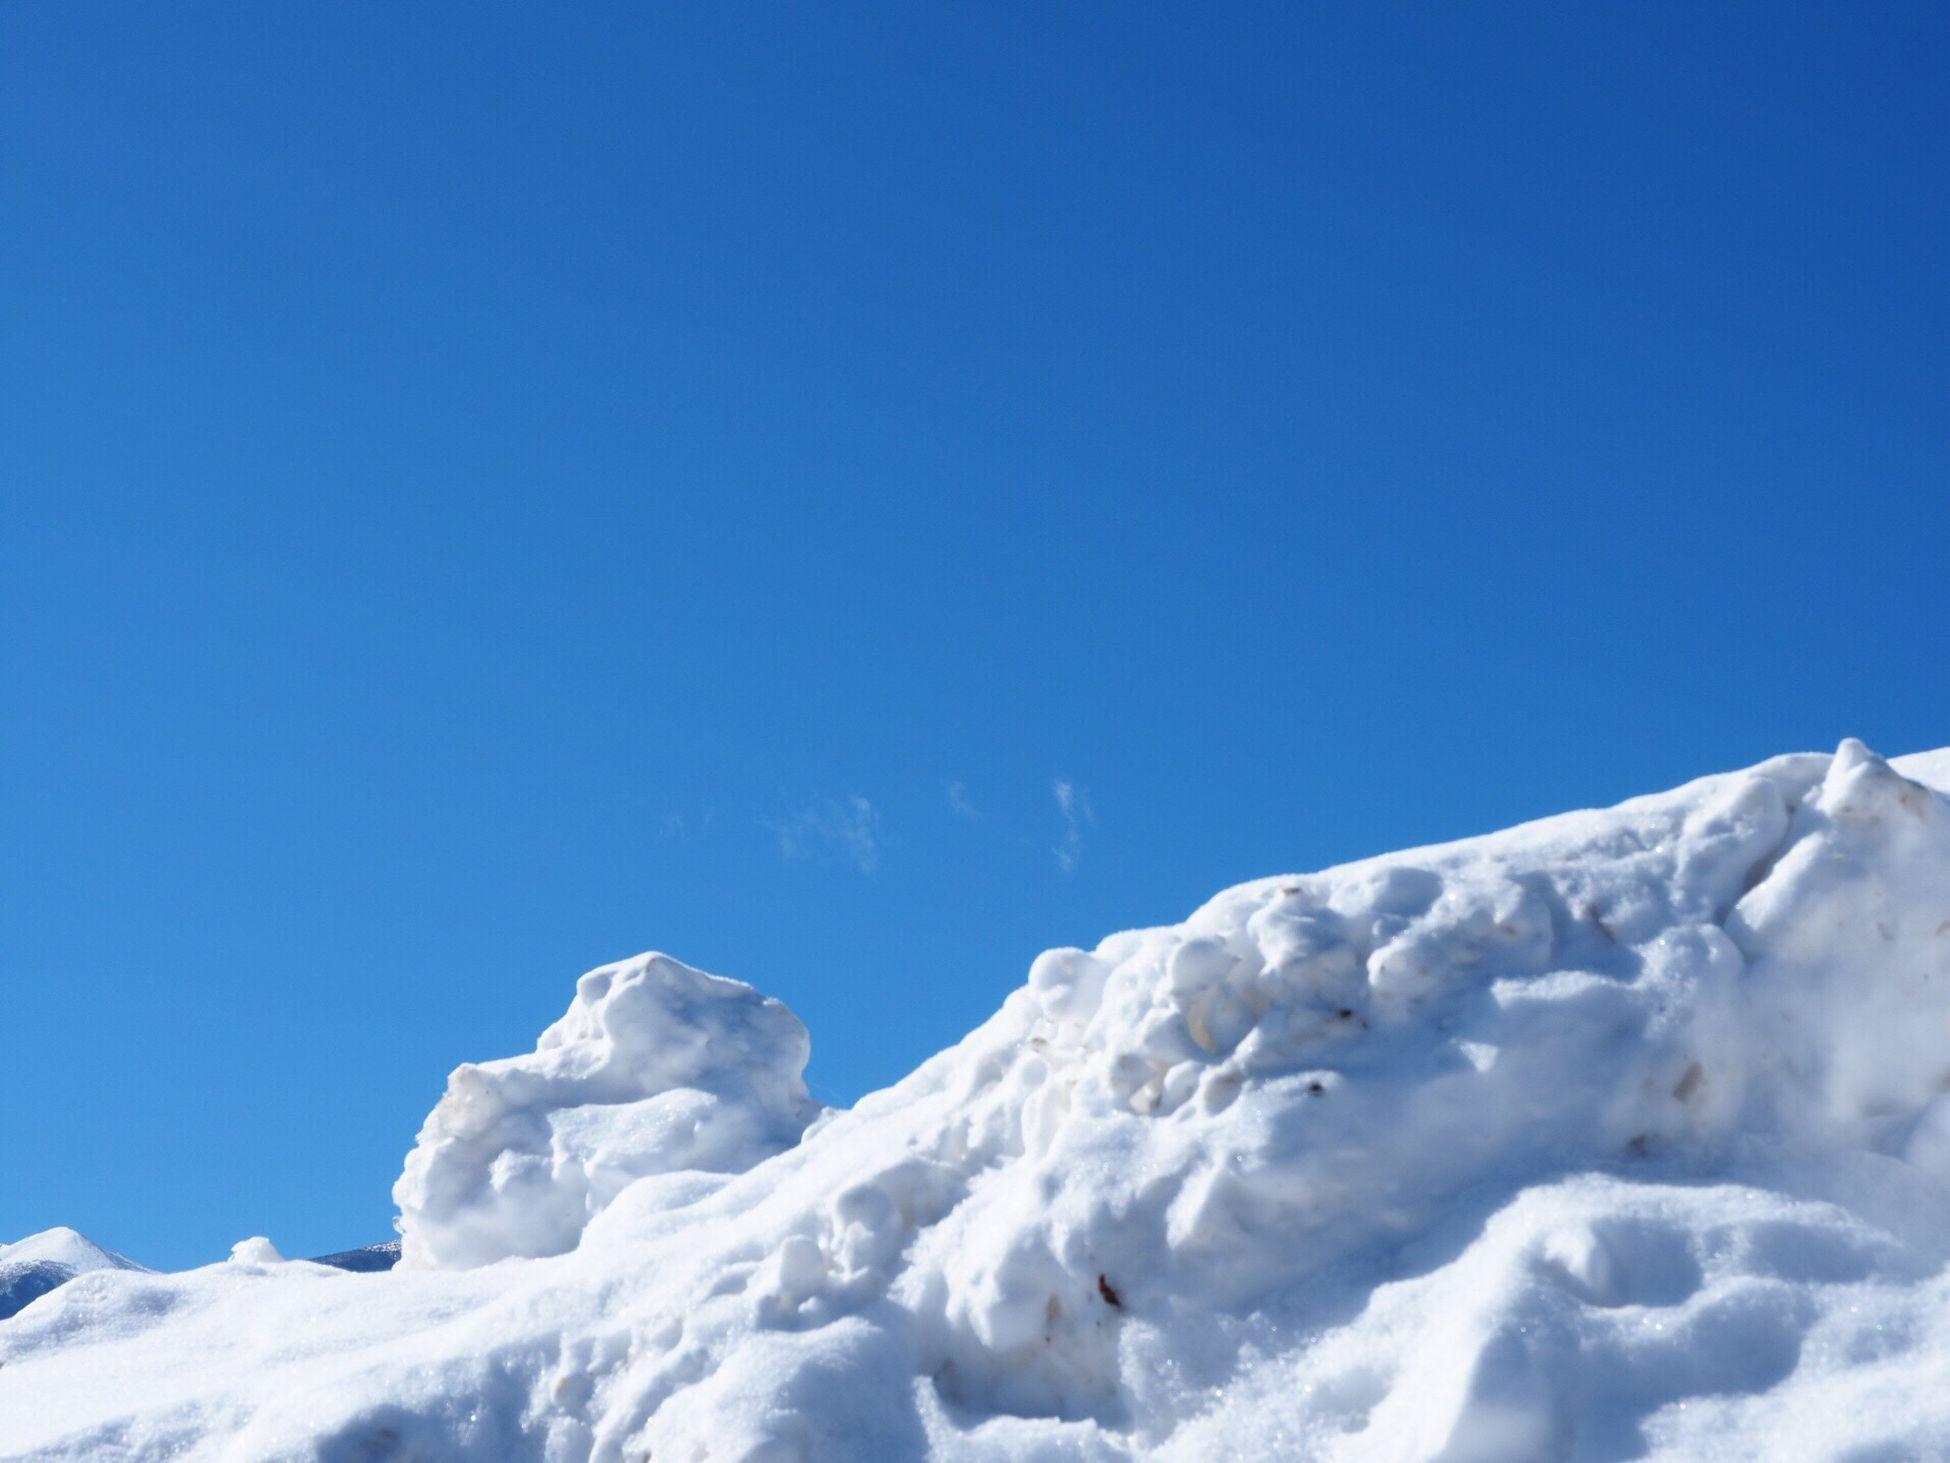 青空に雪…青と白 久しぶりの投稿です… 青と白 空 Snow Blue Nature Winter White Color Low Angle View Sky My Sky EyeEm Nature Lover Nagano, Japan 信州 Nature 冬の光景